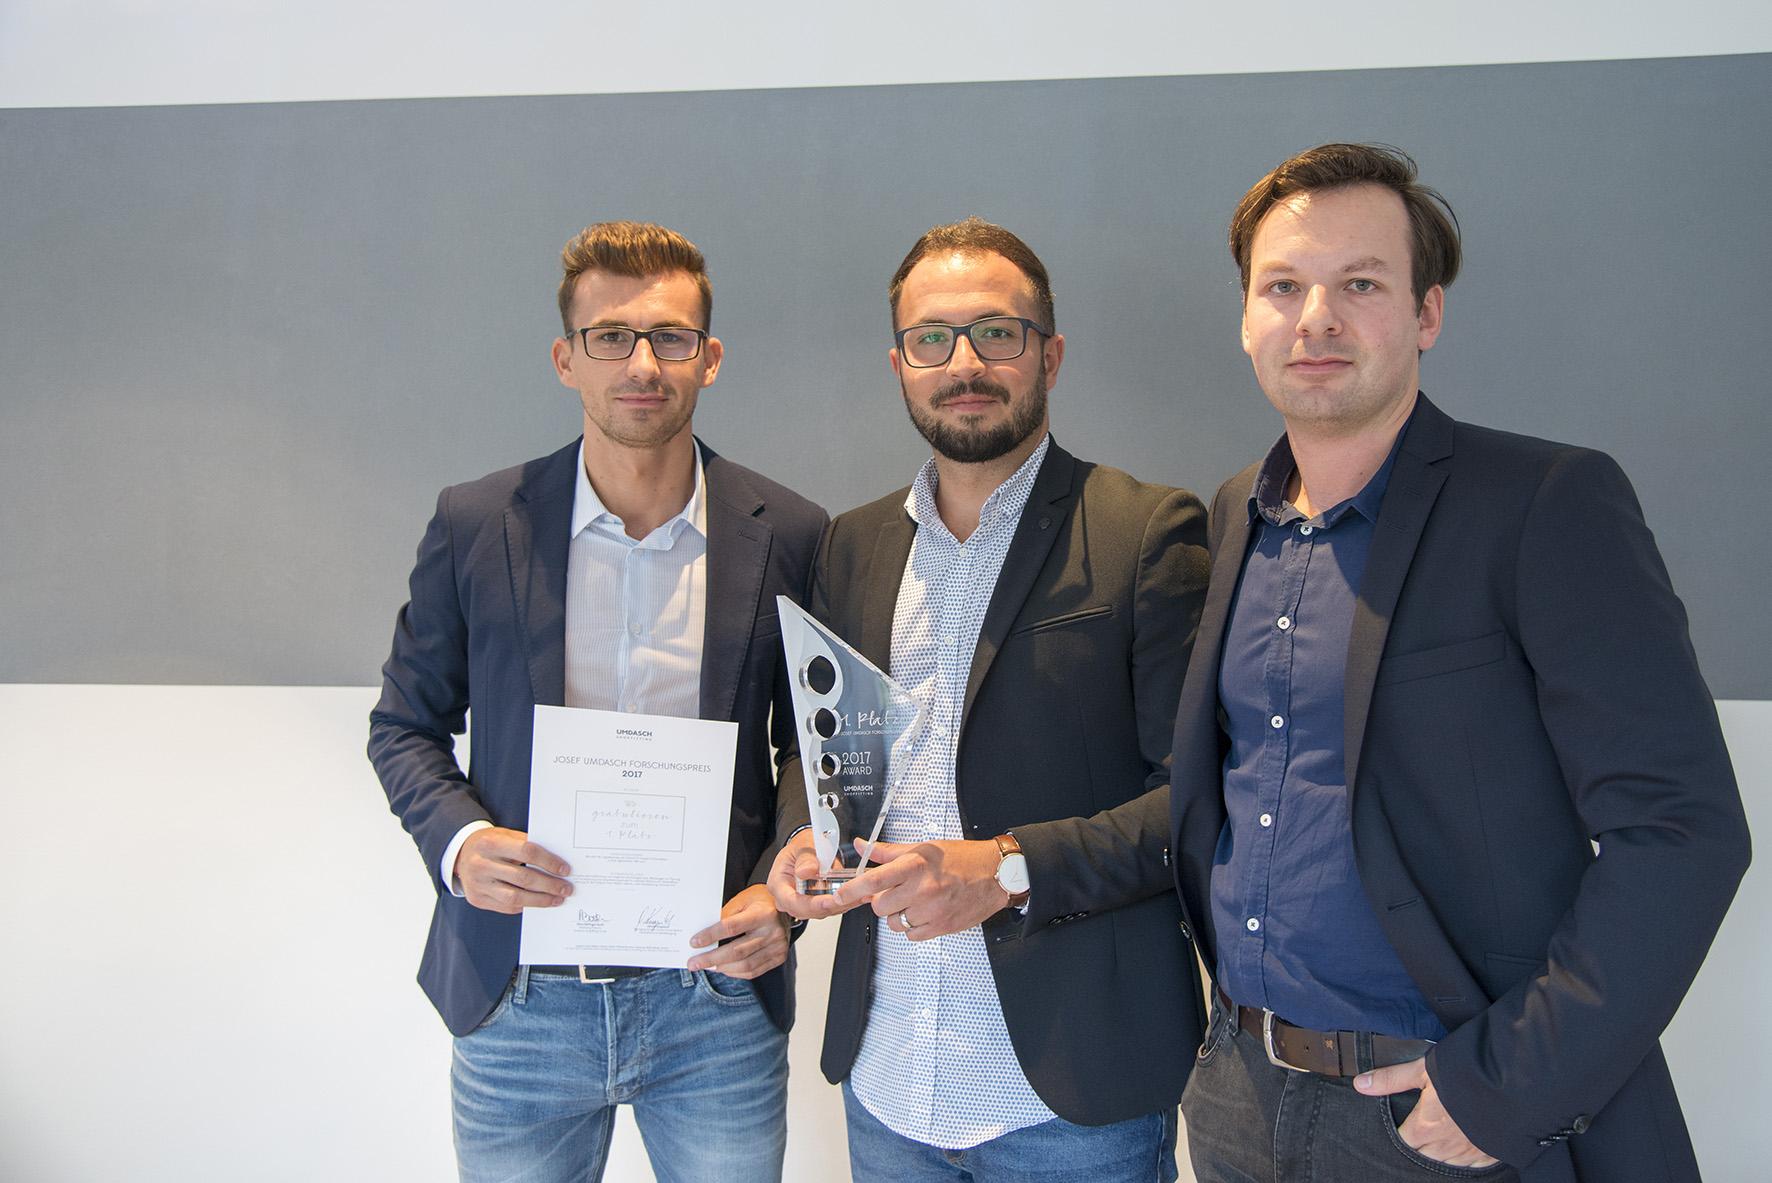 Studierende gewinnen Umdasch Forschungspreis 2017